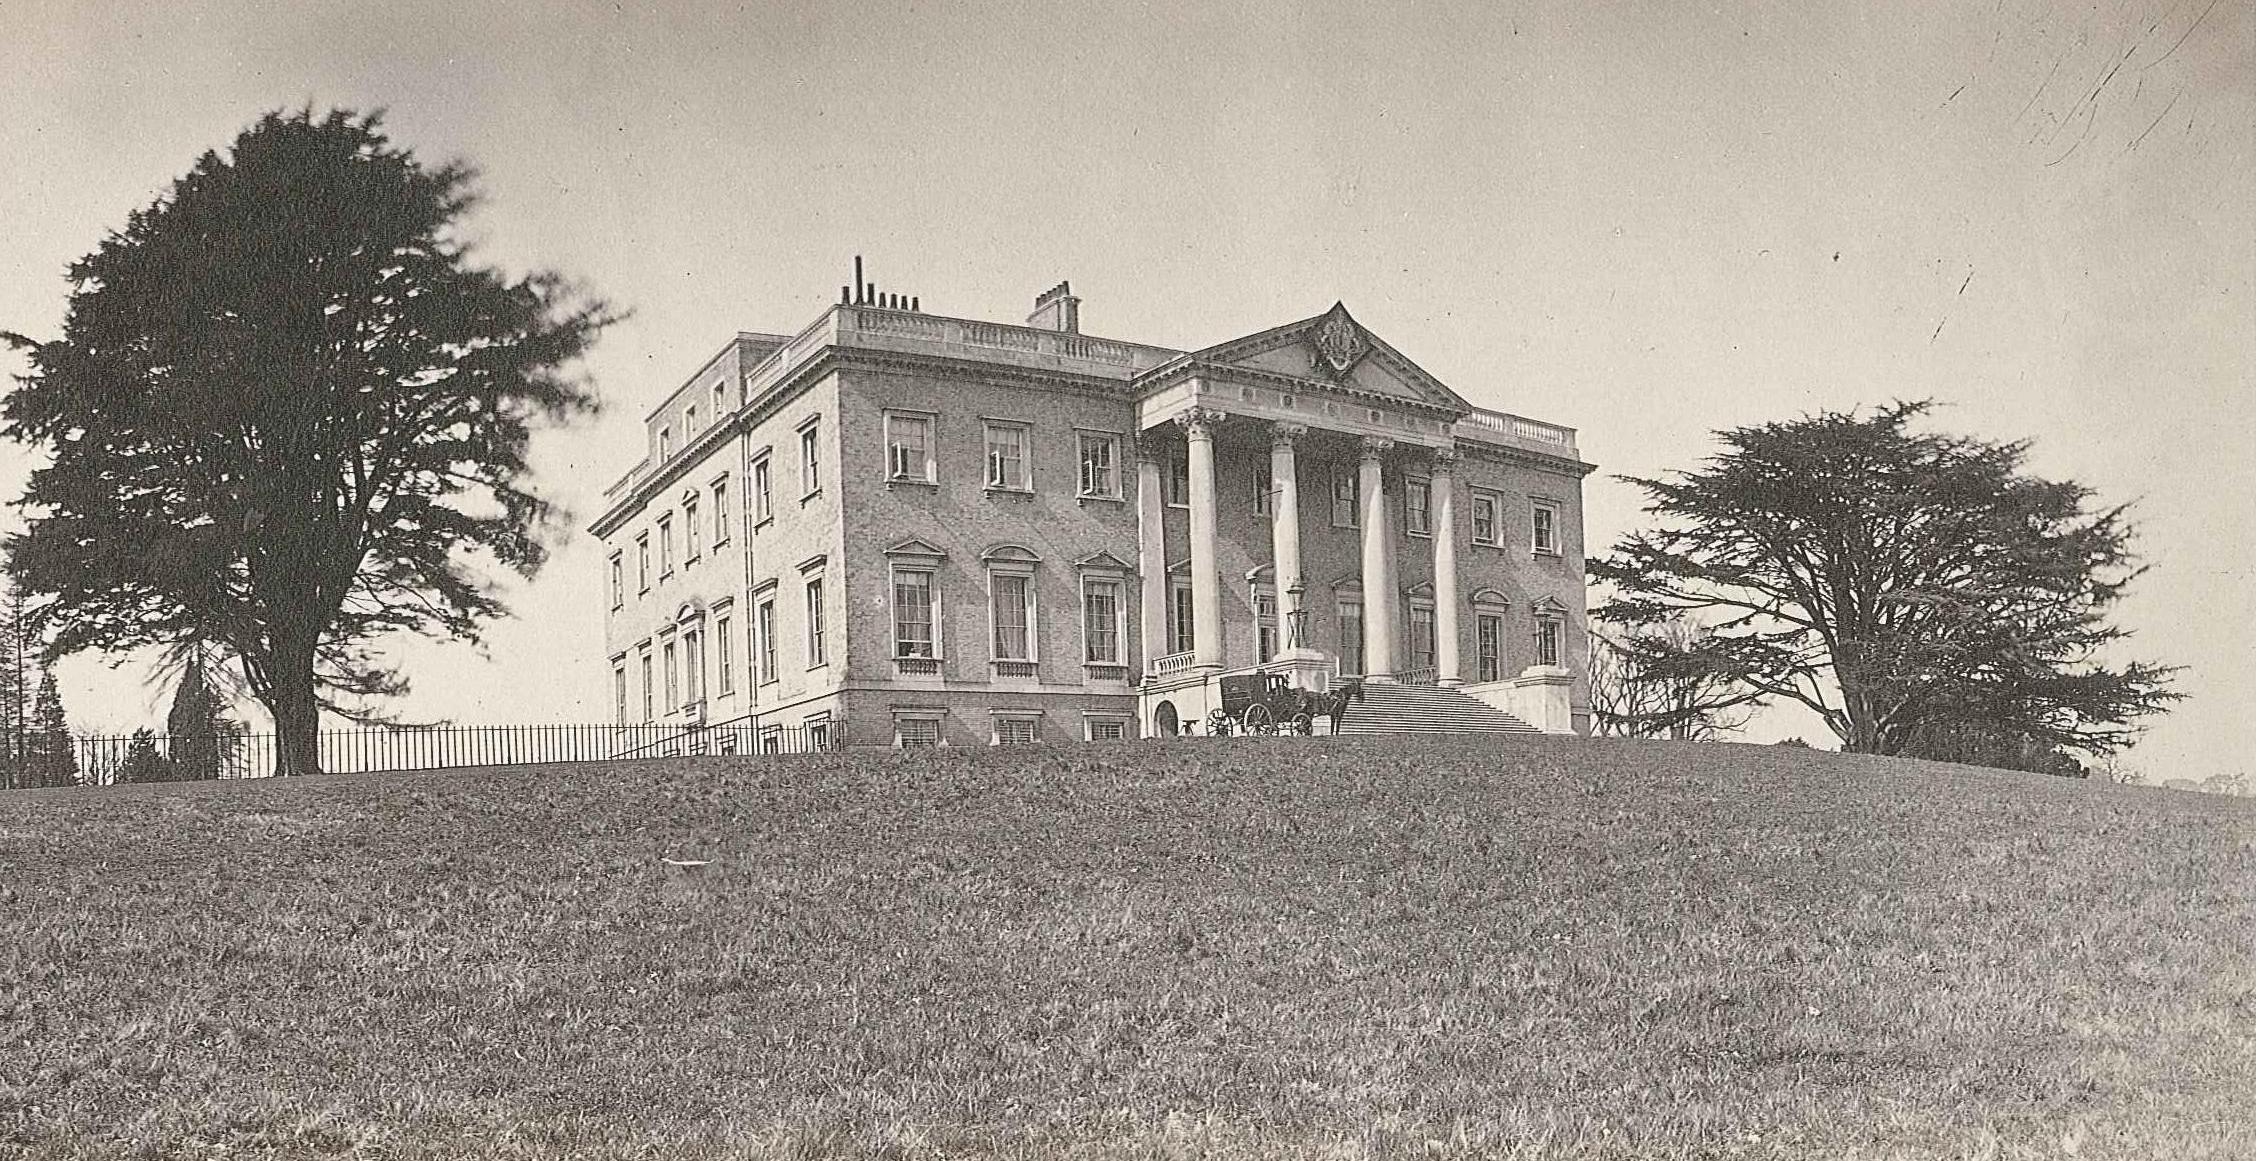 6. Claremont House en 1860